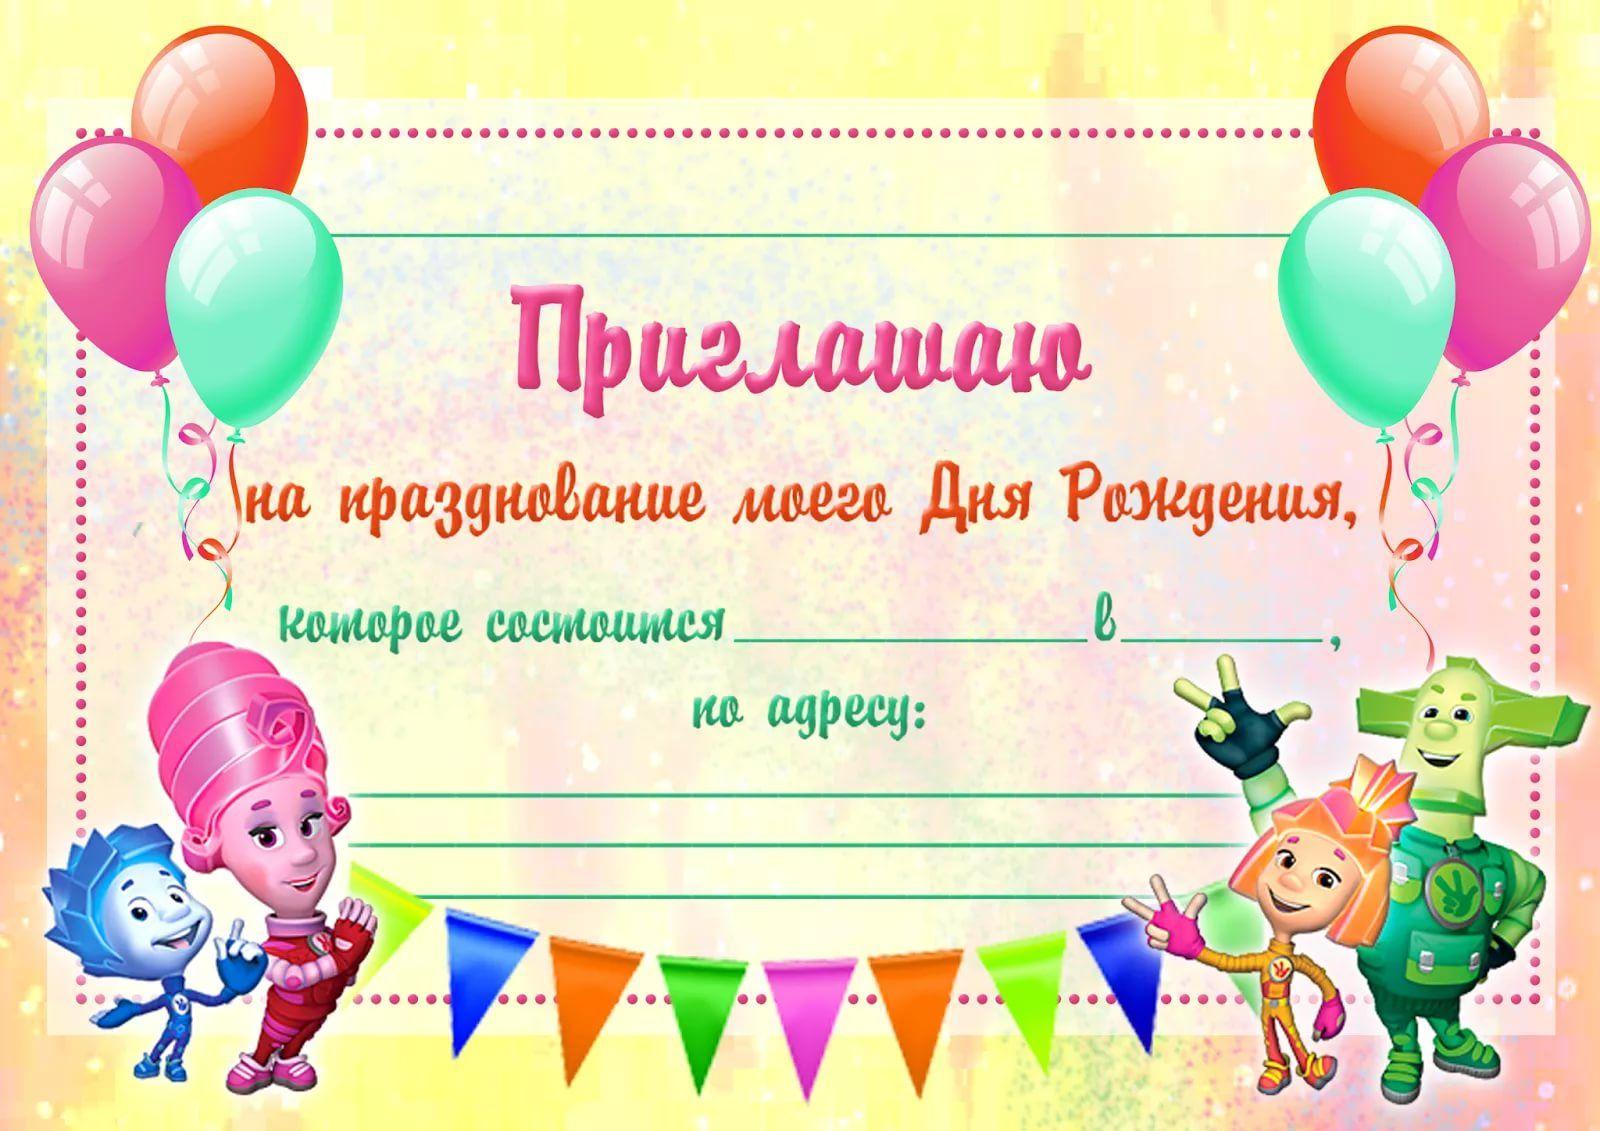 приглашение на день рождения 8 мая